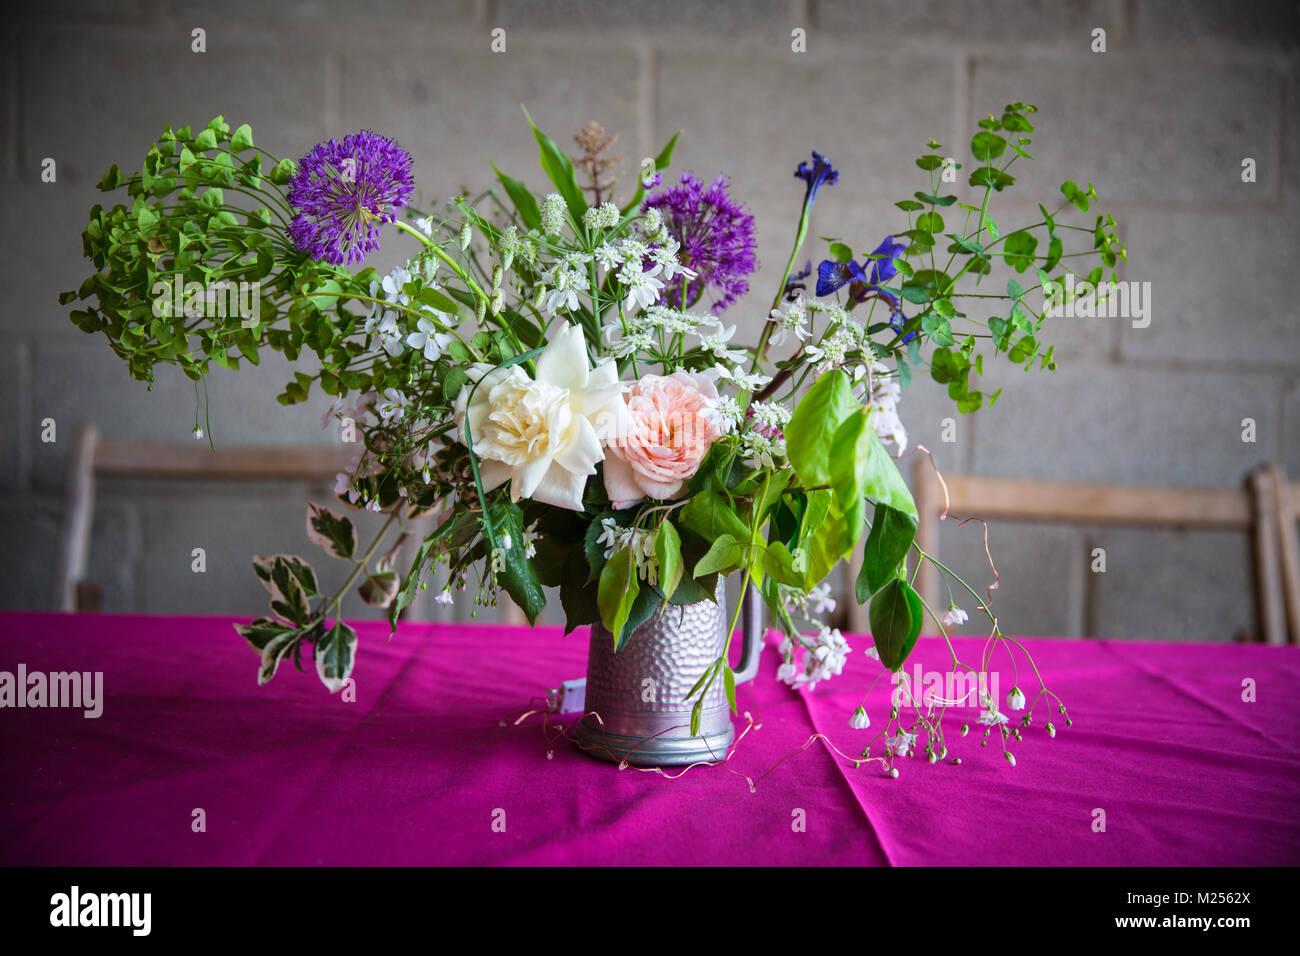 Hochzeitstisch Blumenschmuck auf rosa Tischdecke Stockfoto